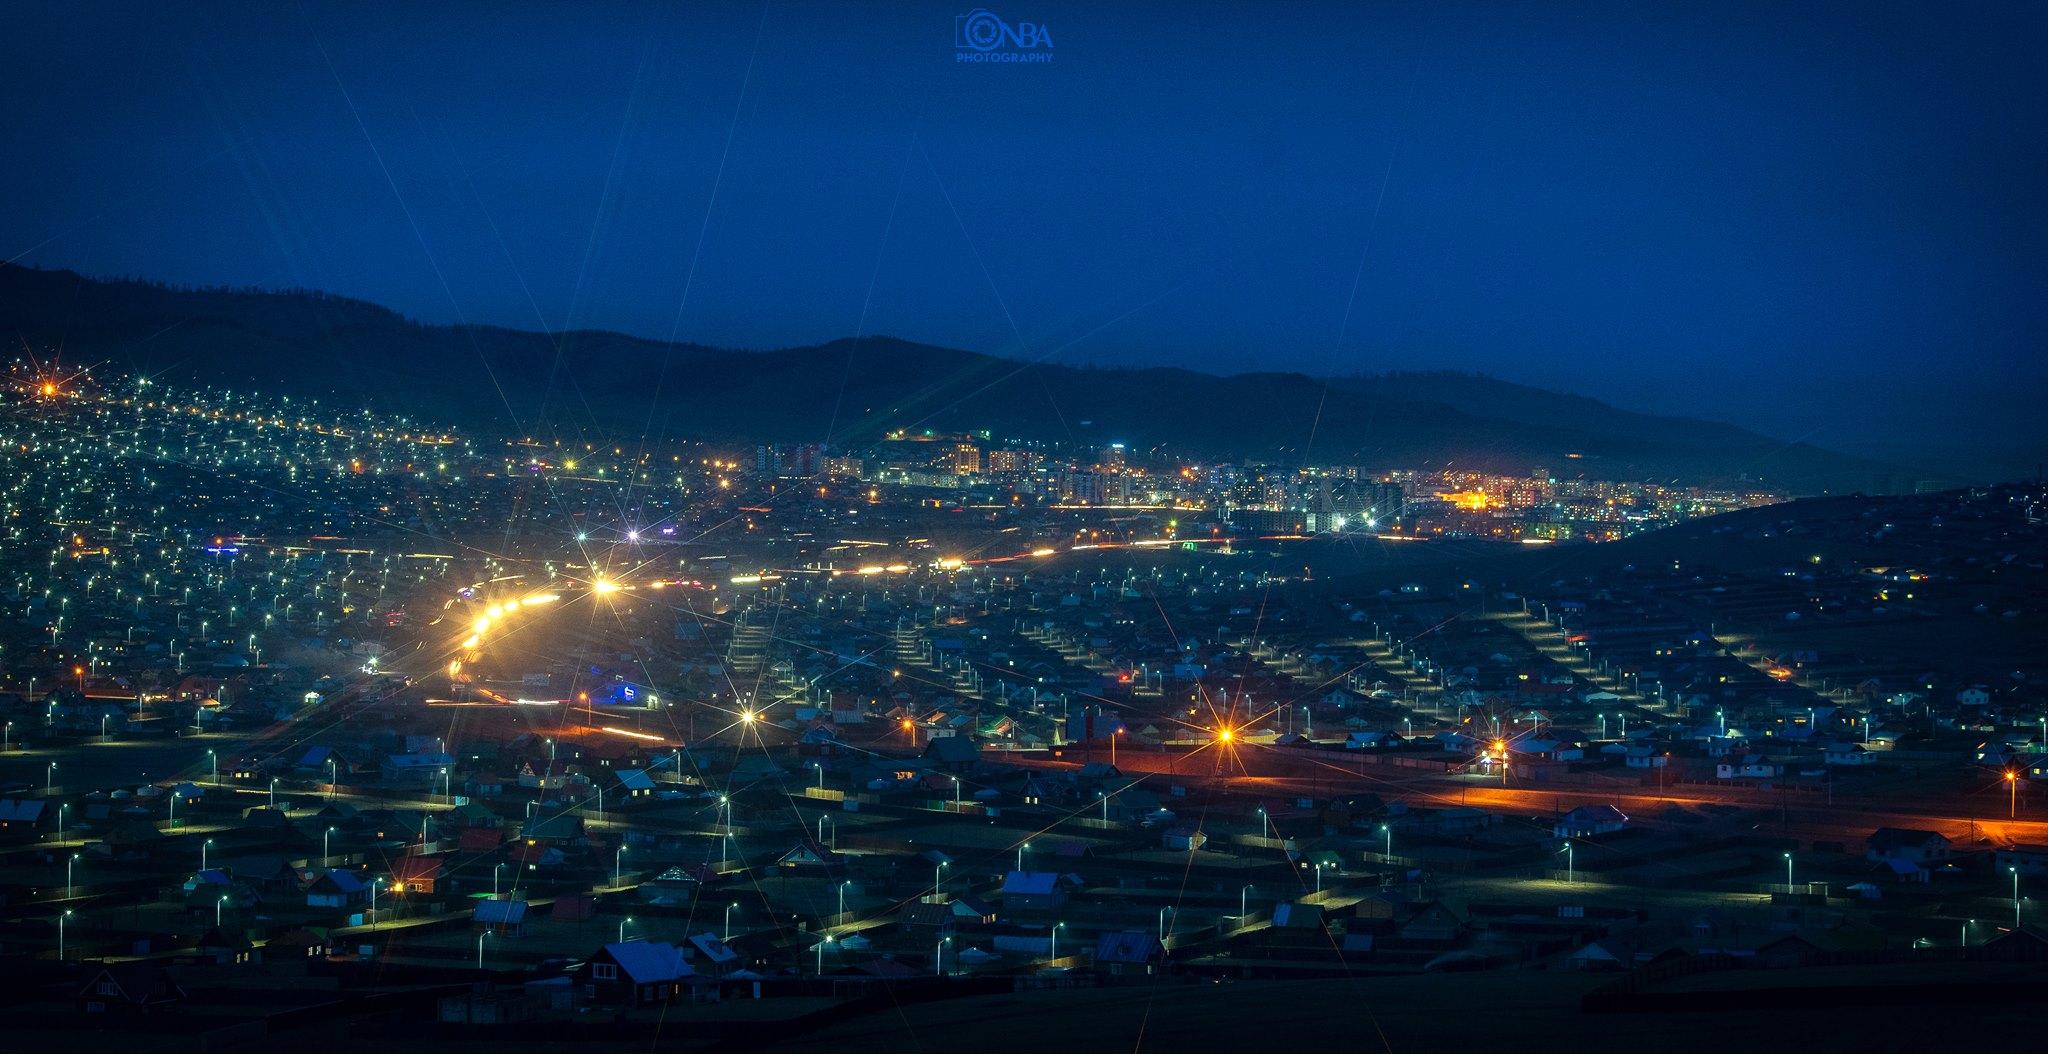 Б.УЛАМБАДРАХ: Шөнө хэрэглэсэн цахилгааны төлбөрийг хөнгөлөхөд 4.7 тэрбум төгрөг шаардлагатай